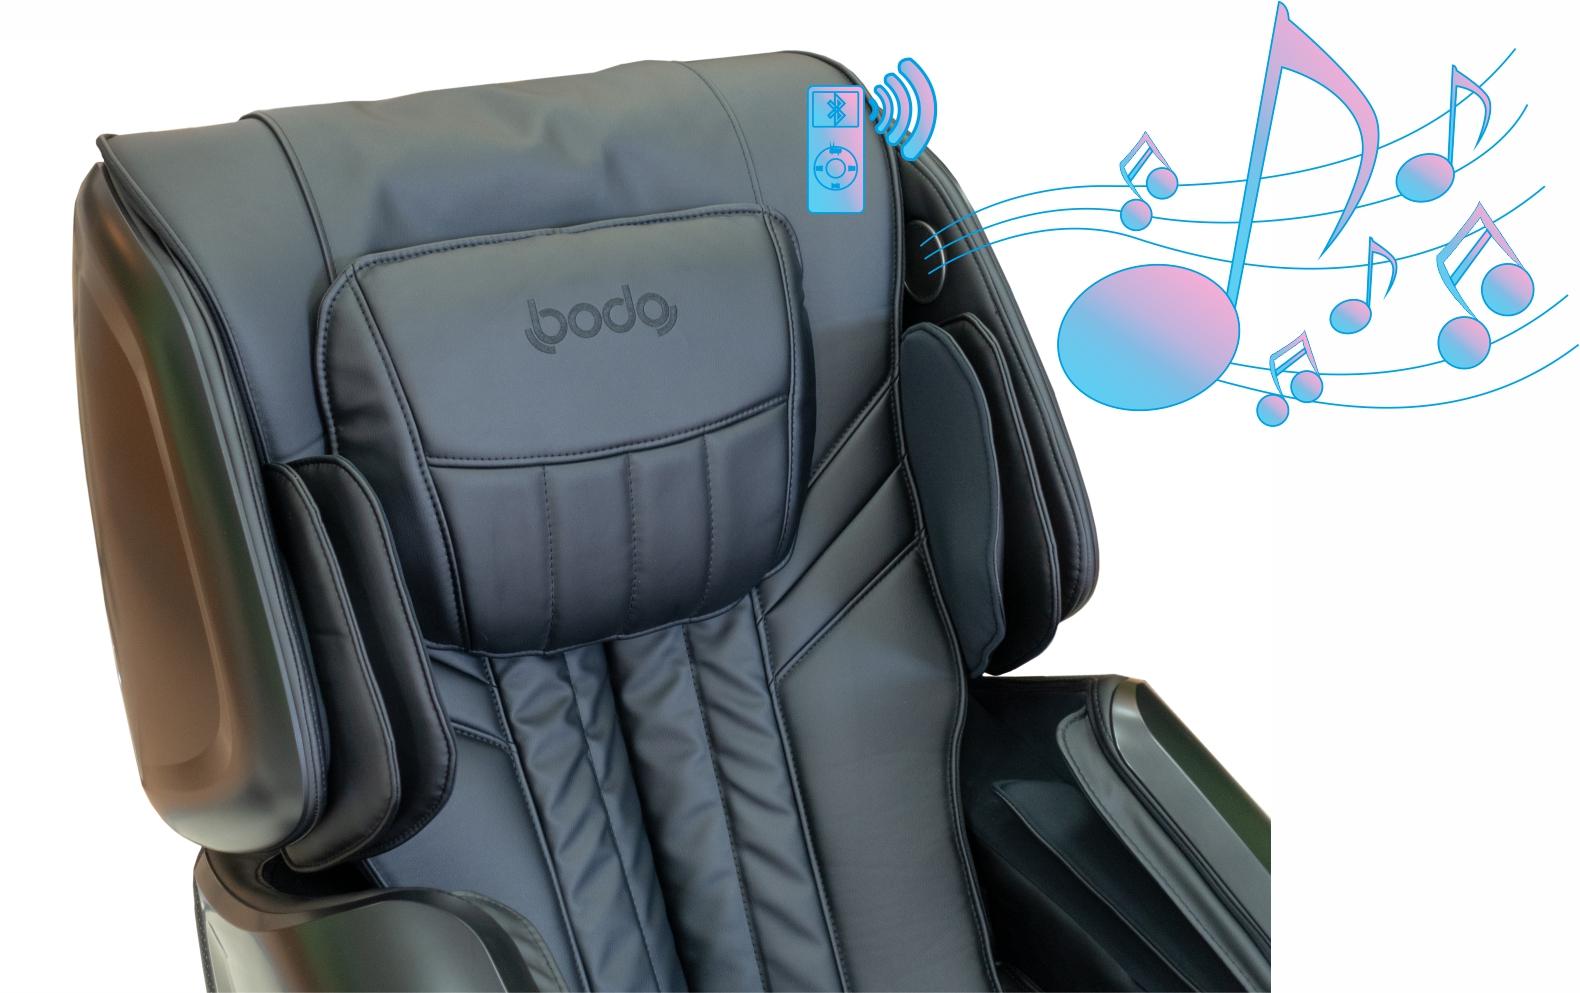 Аудиосистема - Массажное кресло Bodo Norton Black